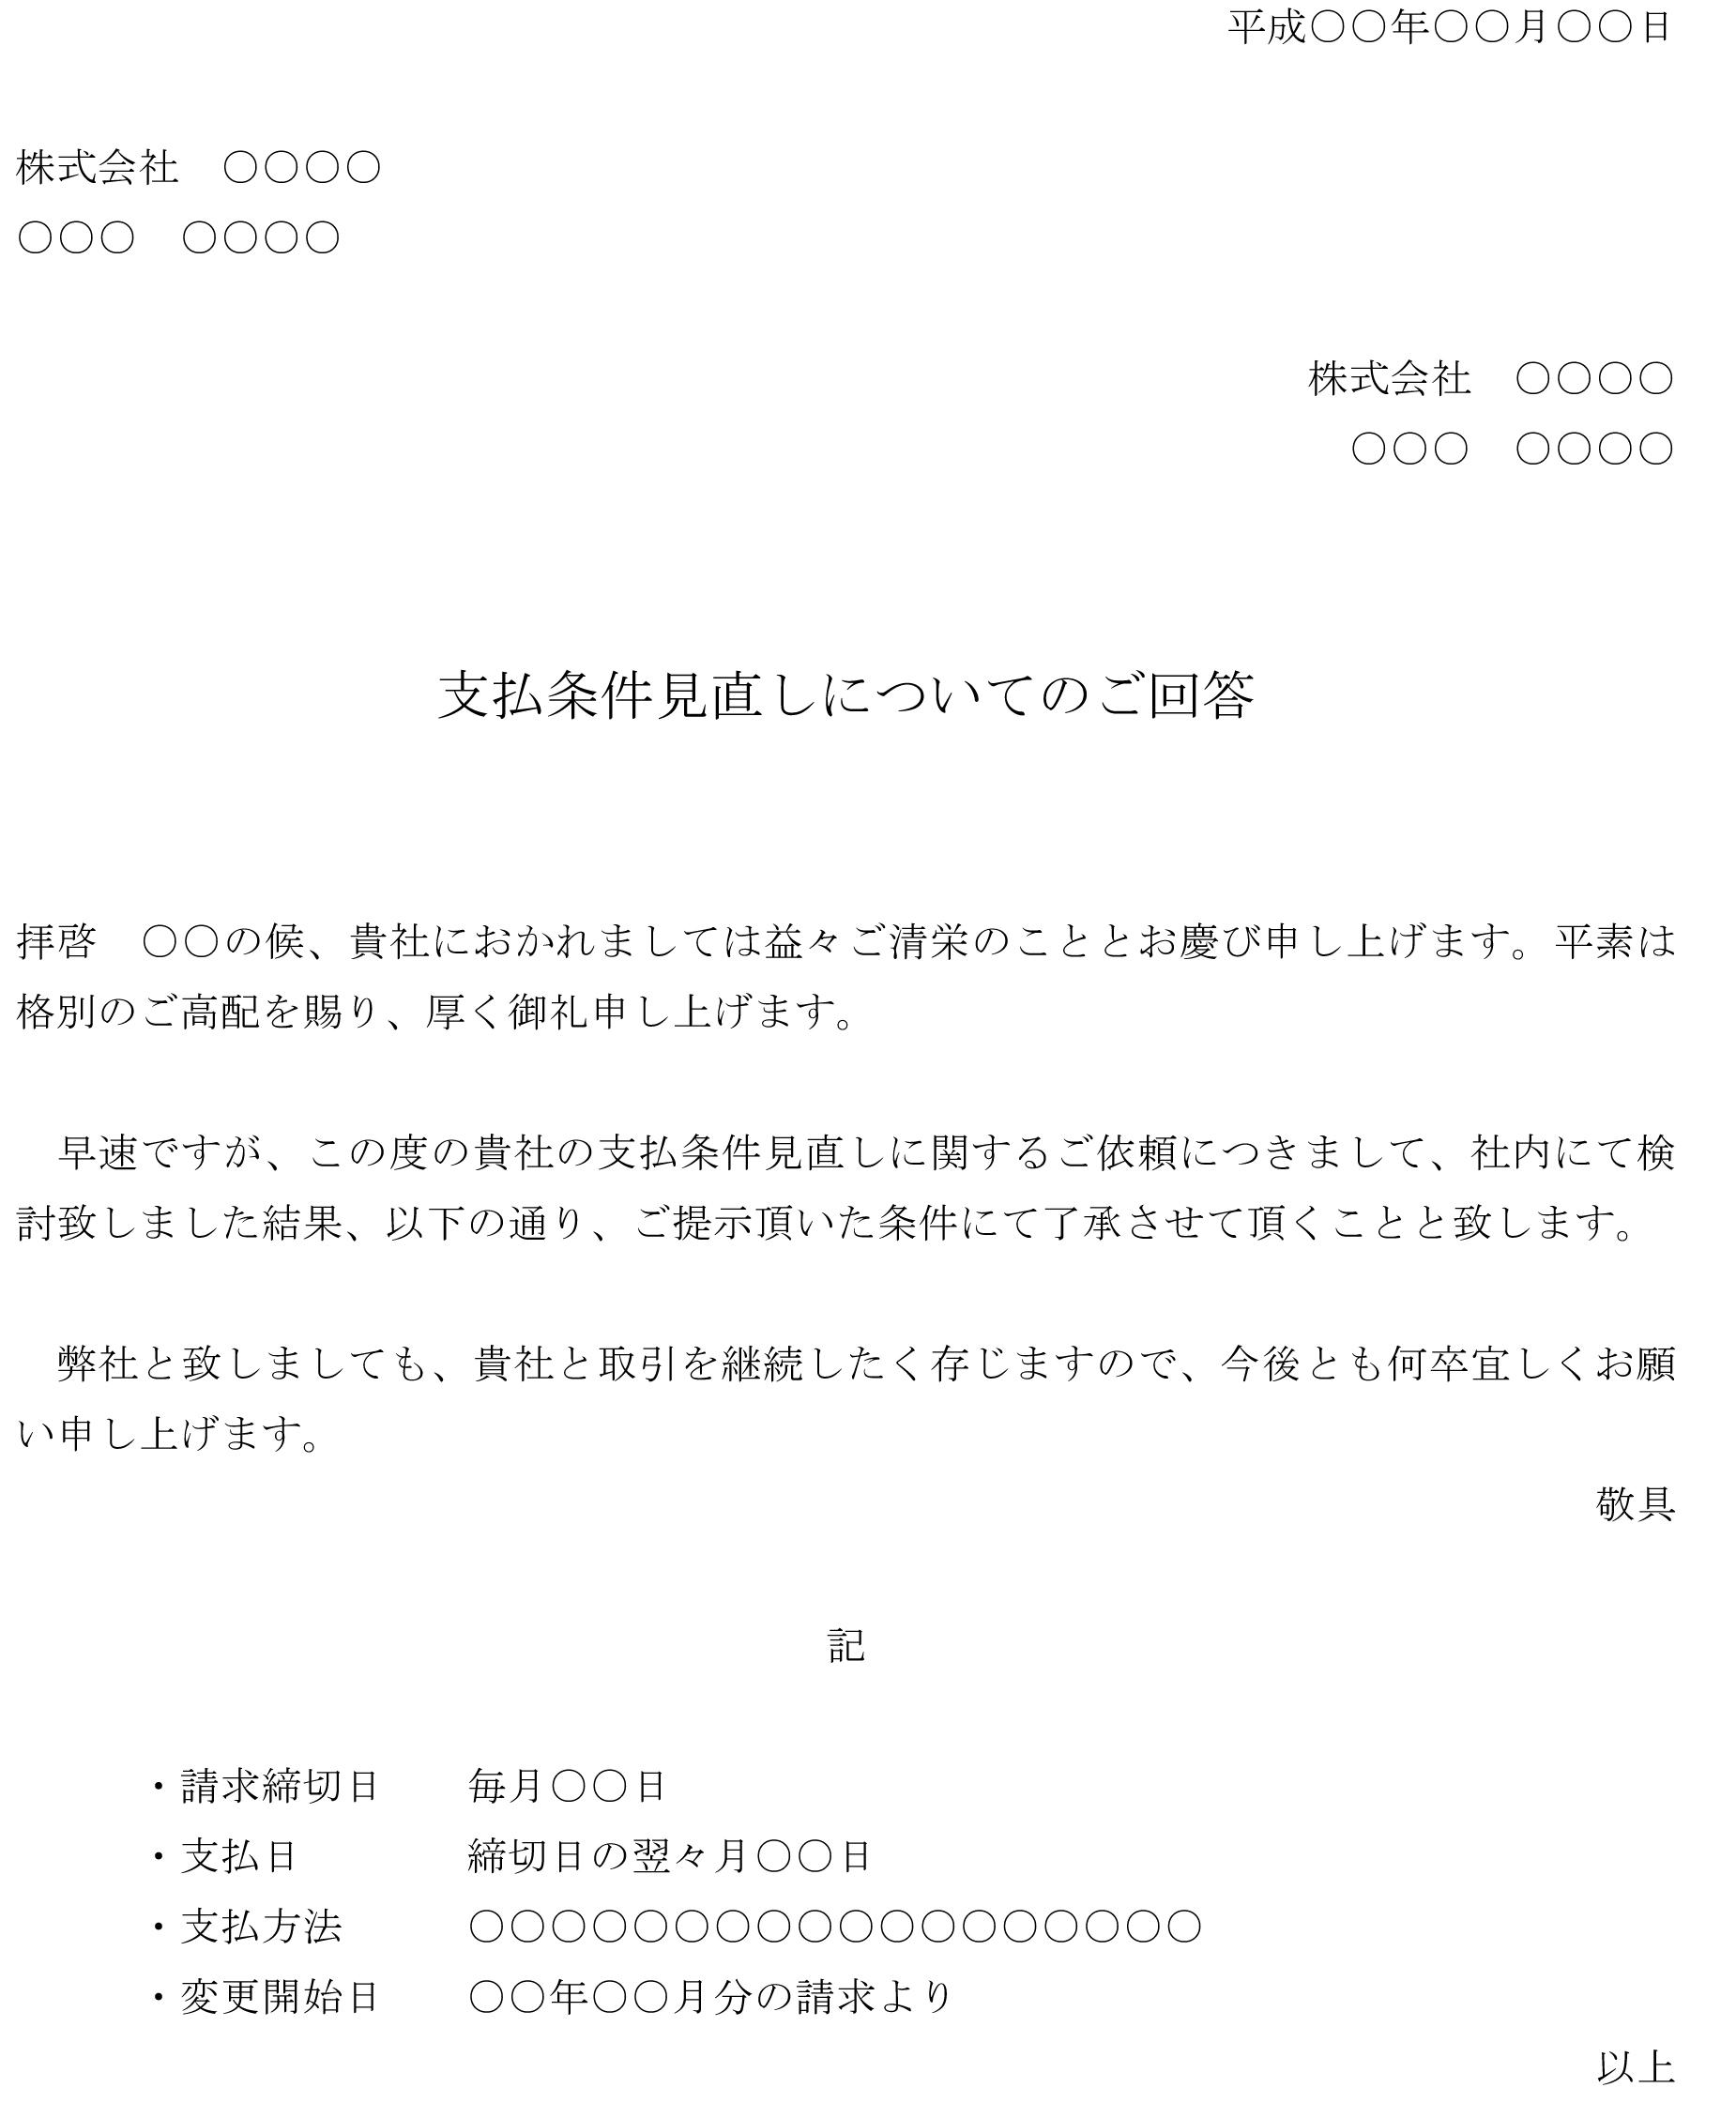 回答書(支払条件見直しの依頼を承諾)